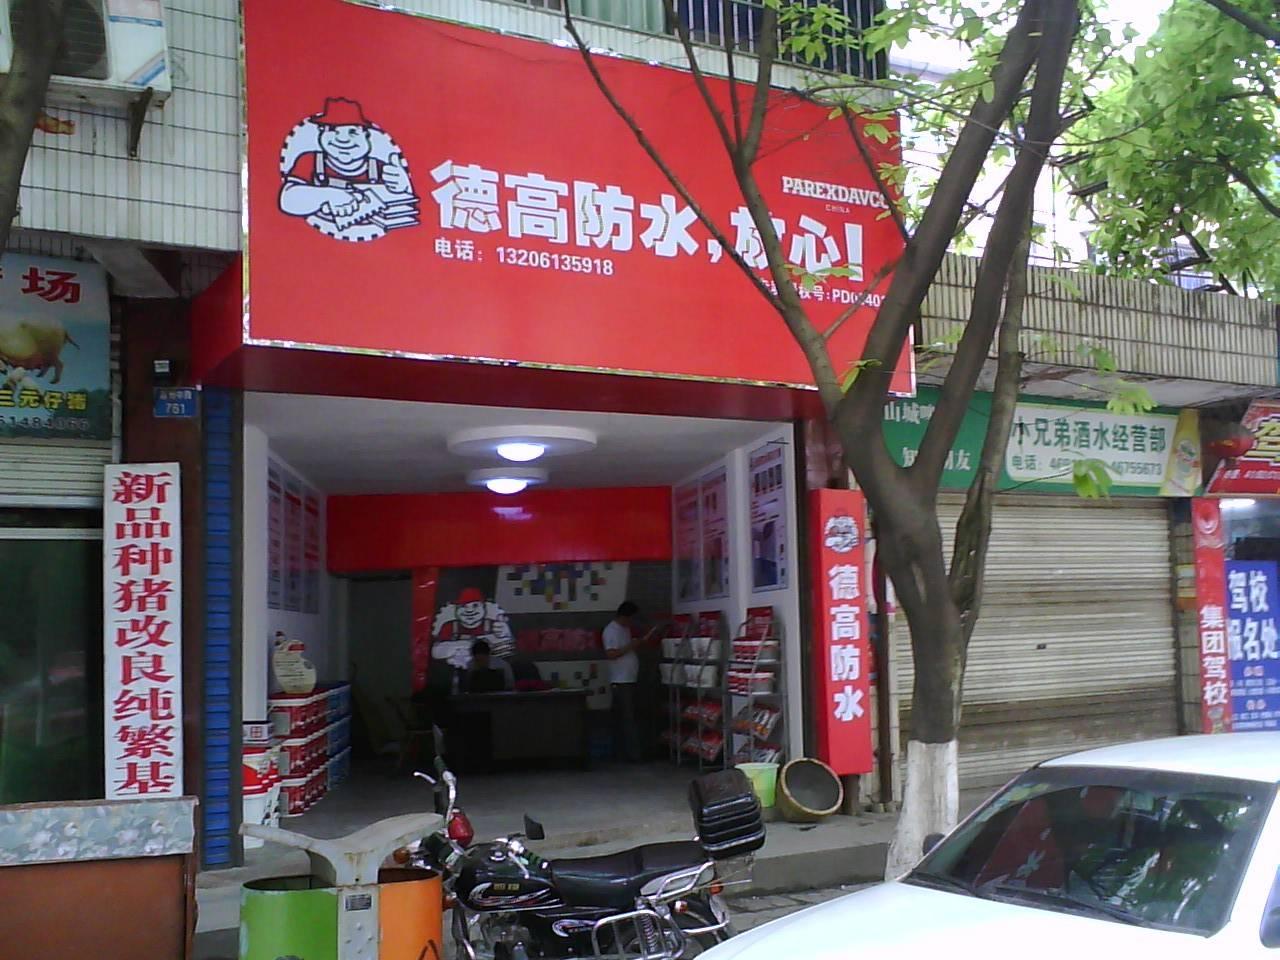 热烈庆祝德高防水荣昌专卖店开业图片